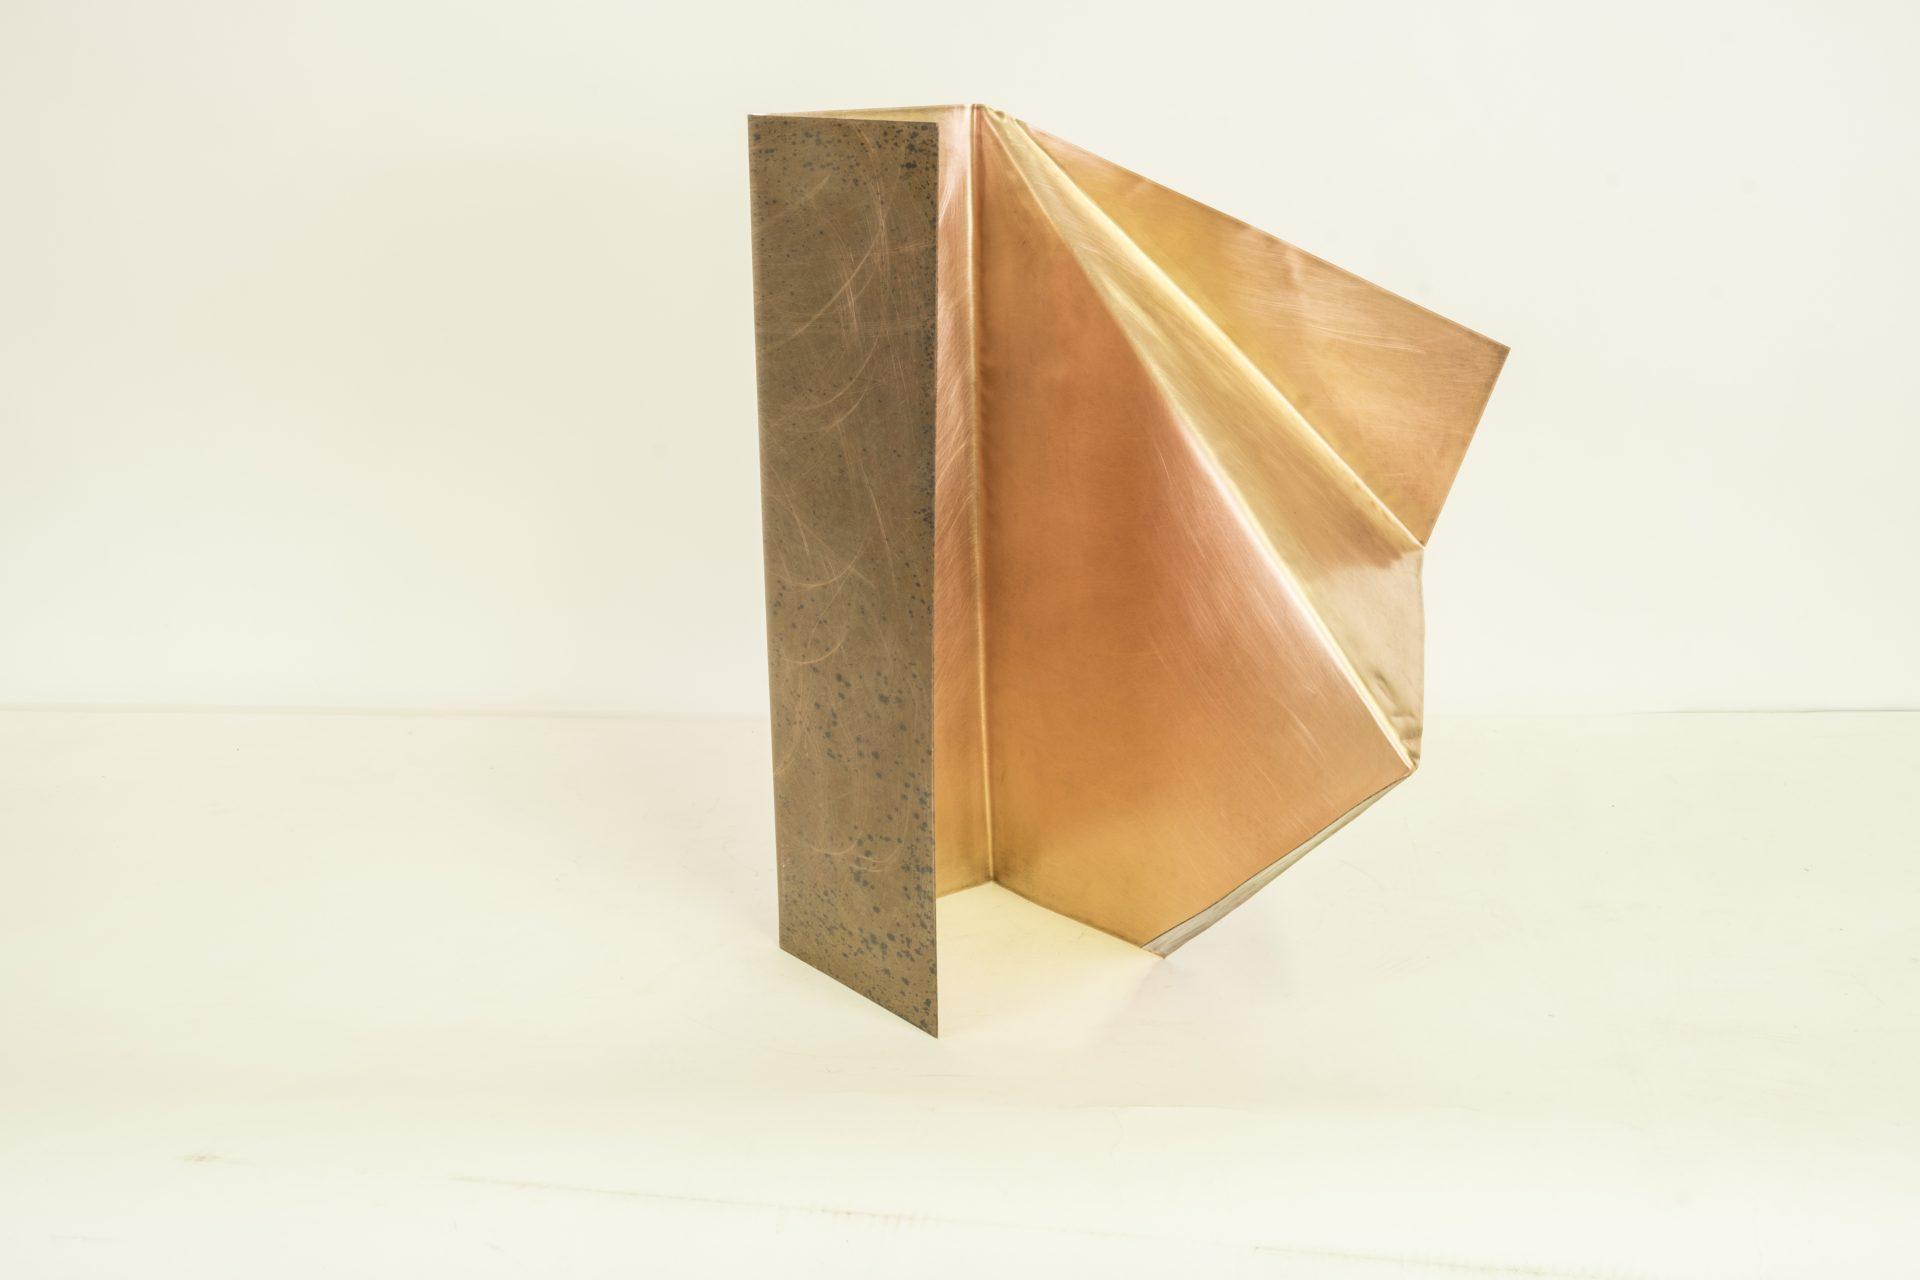 Genitori Forti<br>SPR04<br>misure: 34x52x40 cm<br>tecnica: scultura di rame<br>anno: 2018